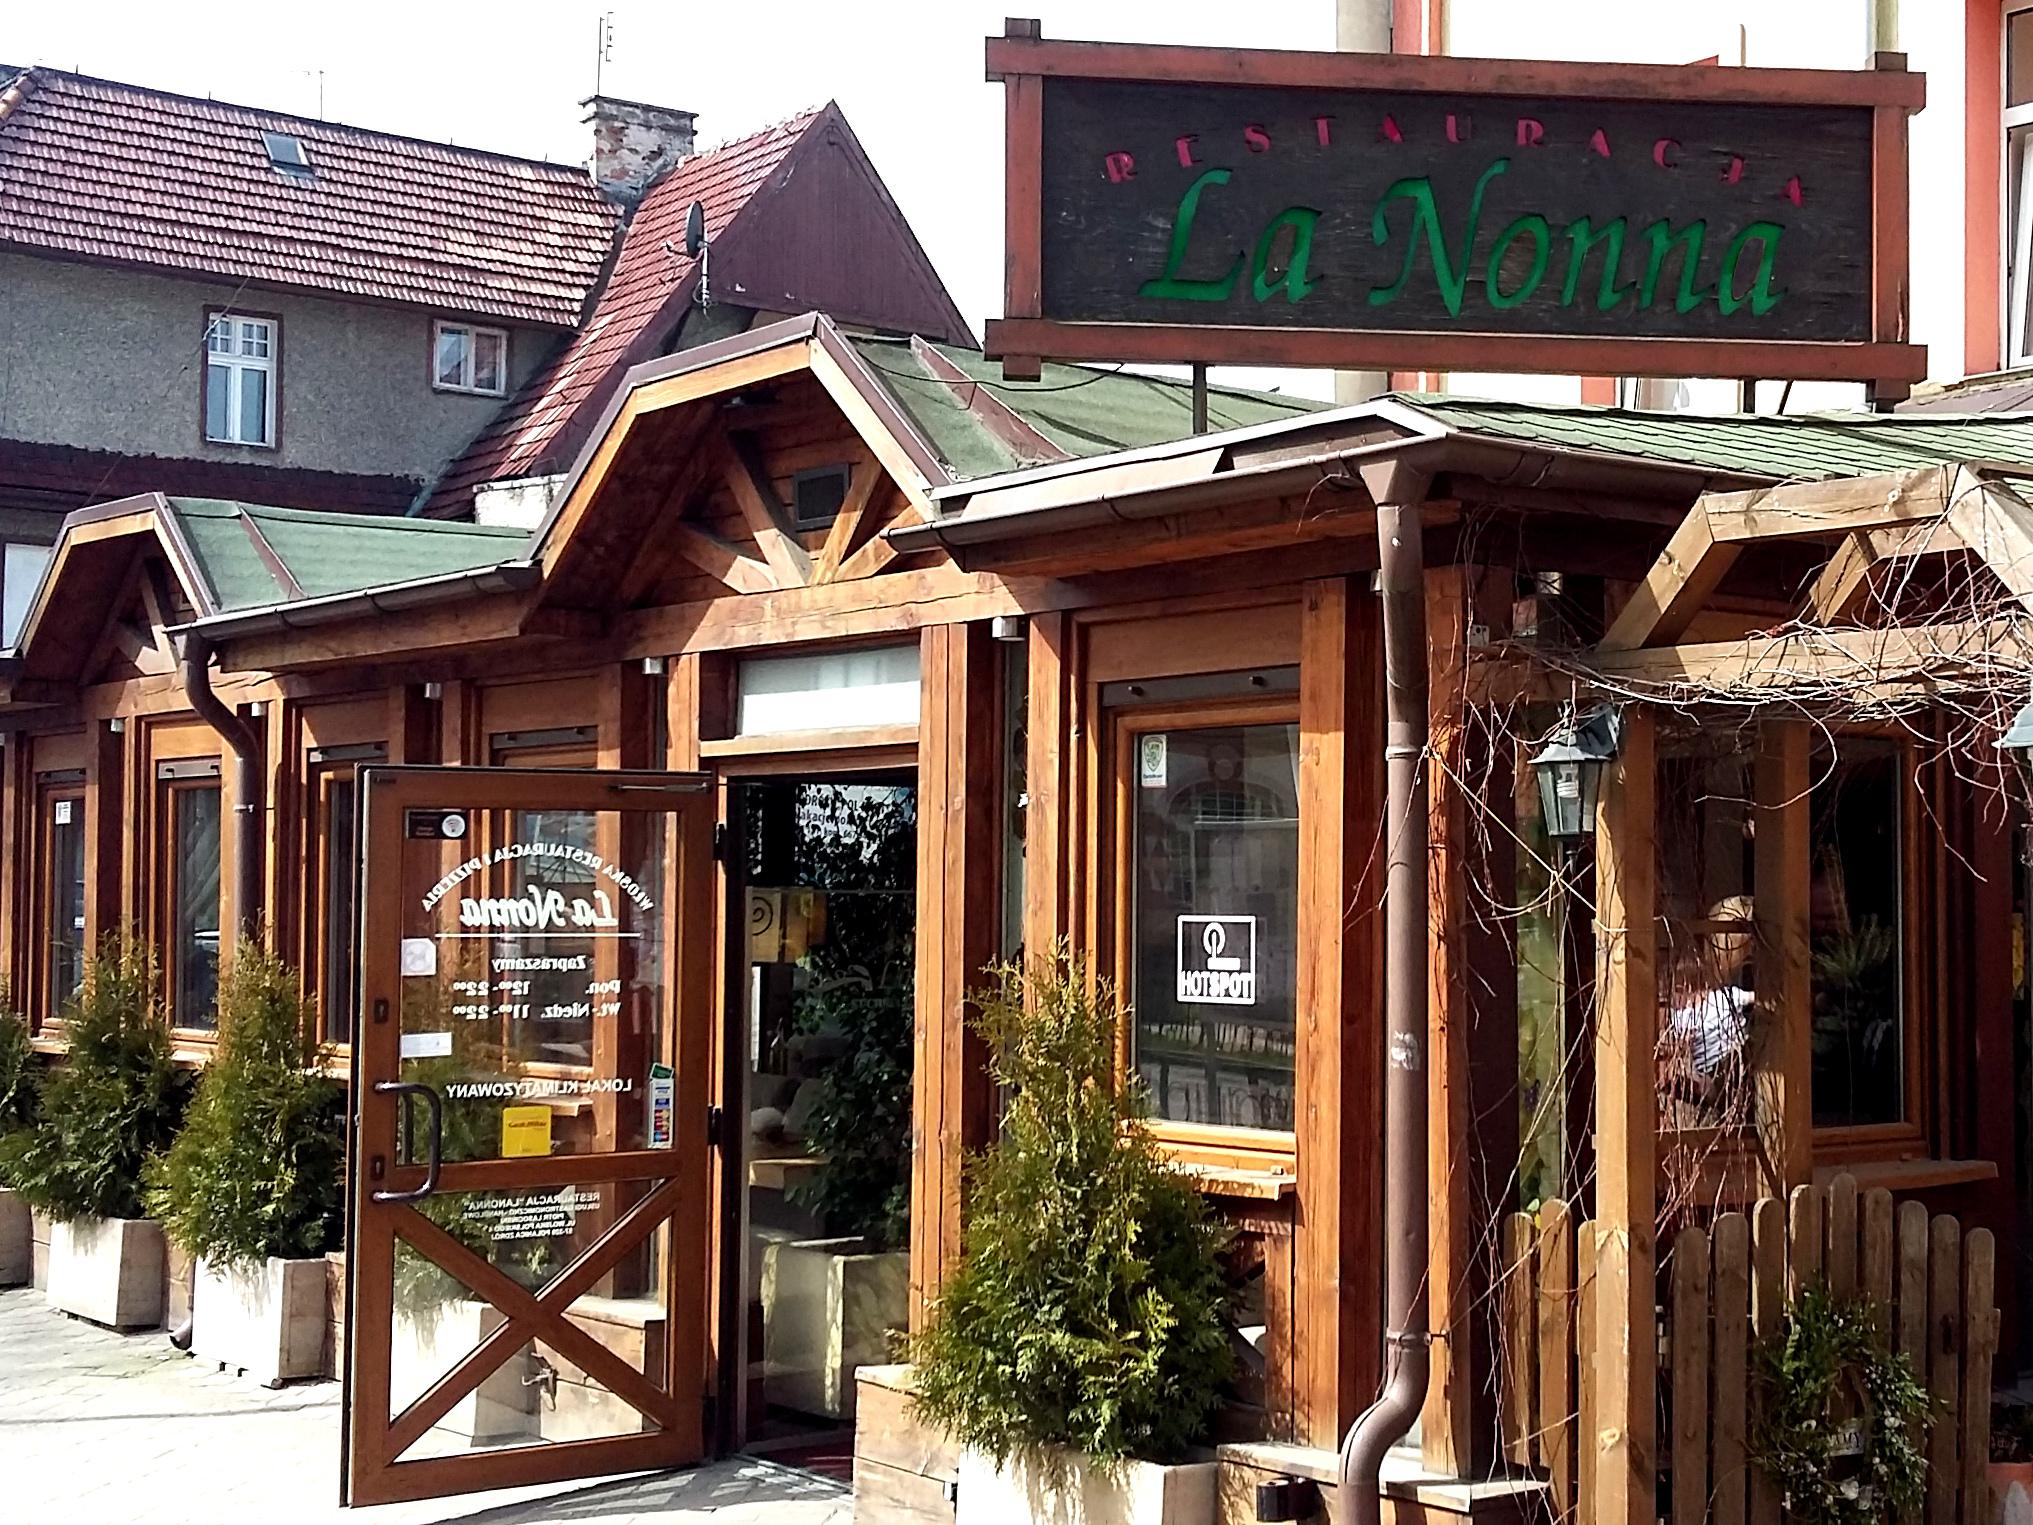 Najlepsze Smaki Resturacja Fabryka Smaku Polanica Zdroj